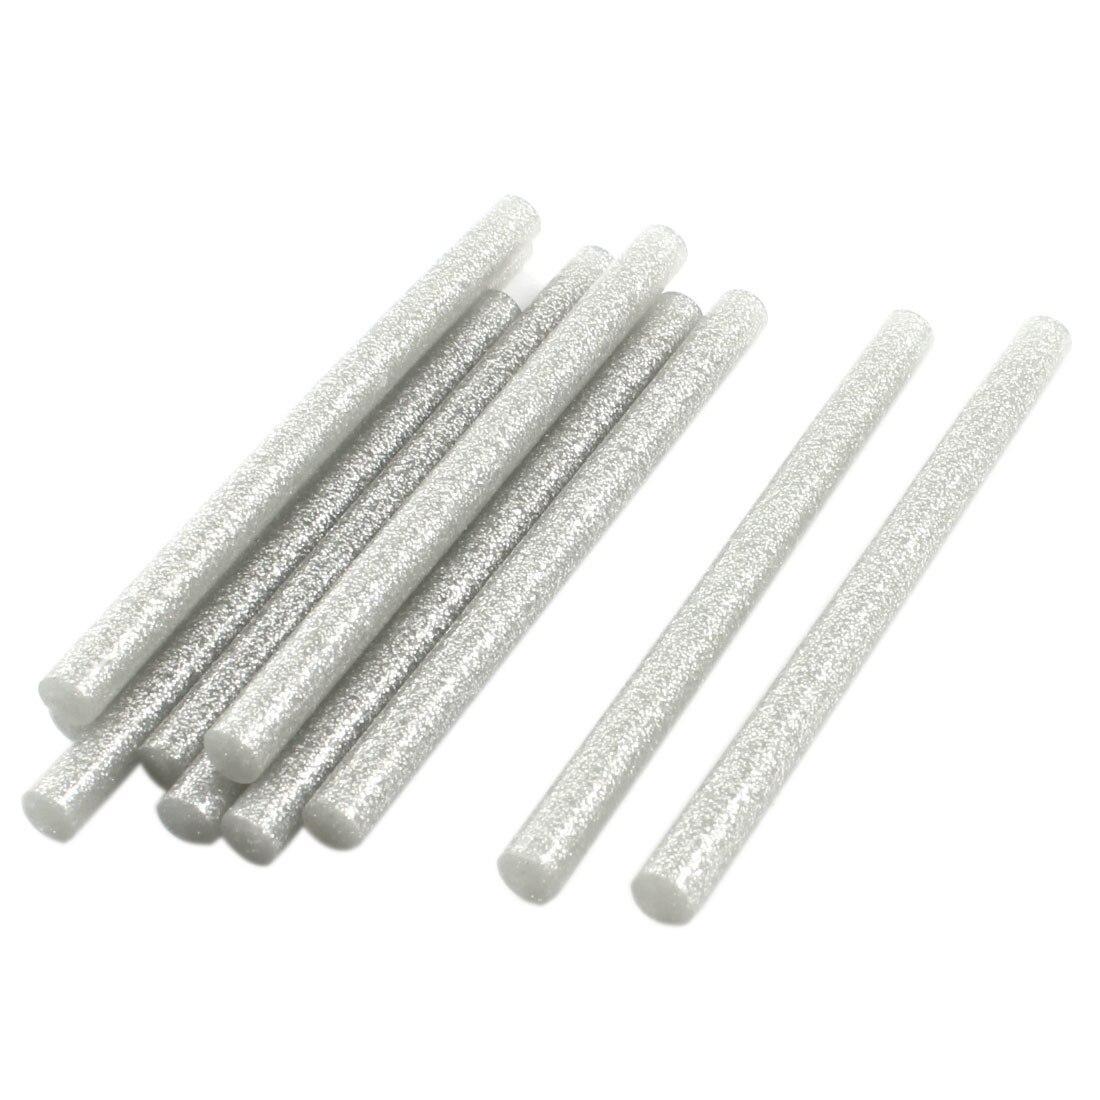 Set 10 rezerve silicon 11mm MRG M-419, Lungime 20cm, Gri